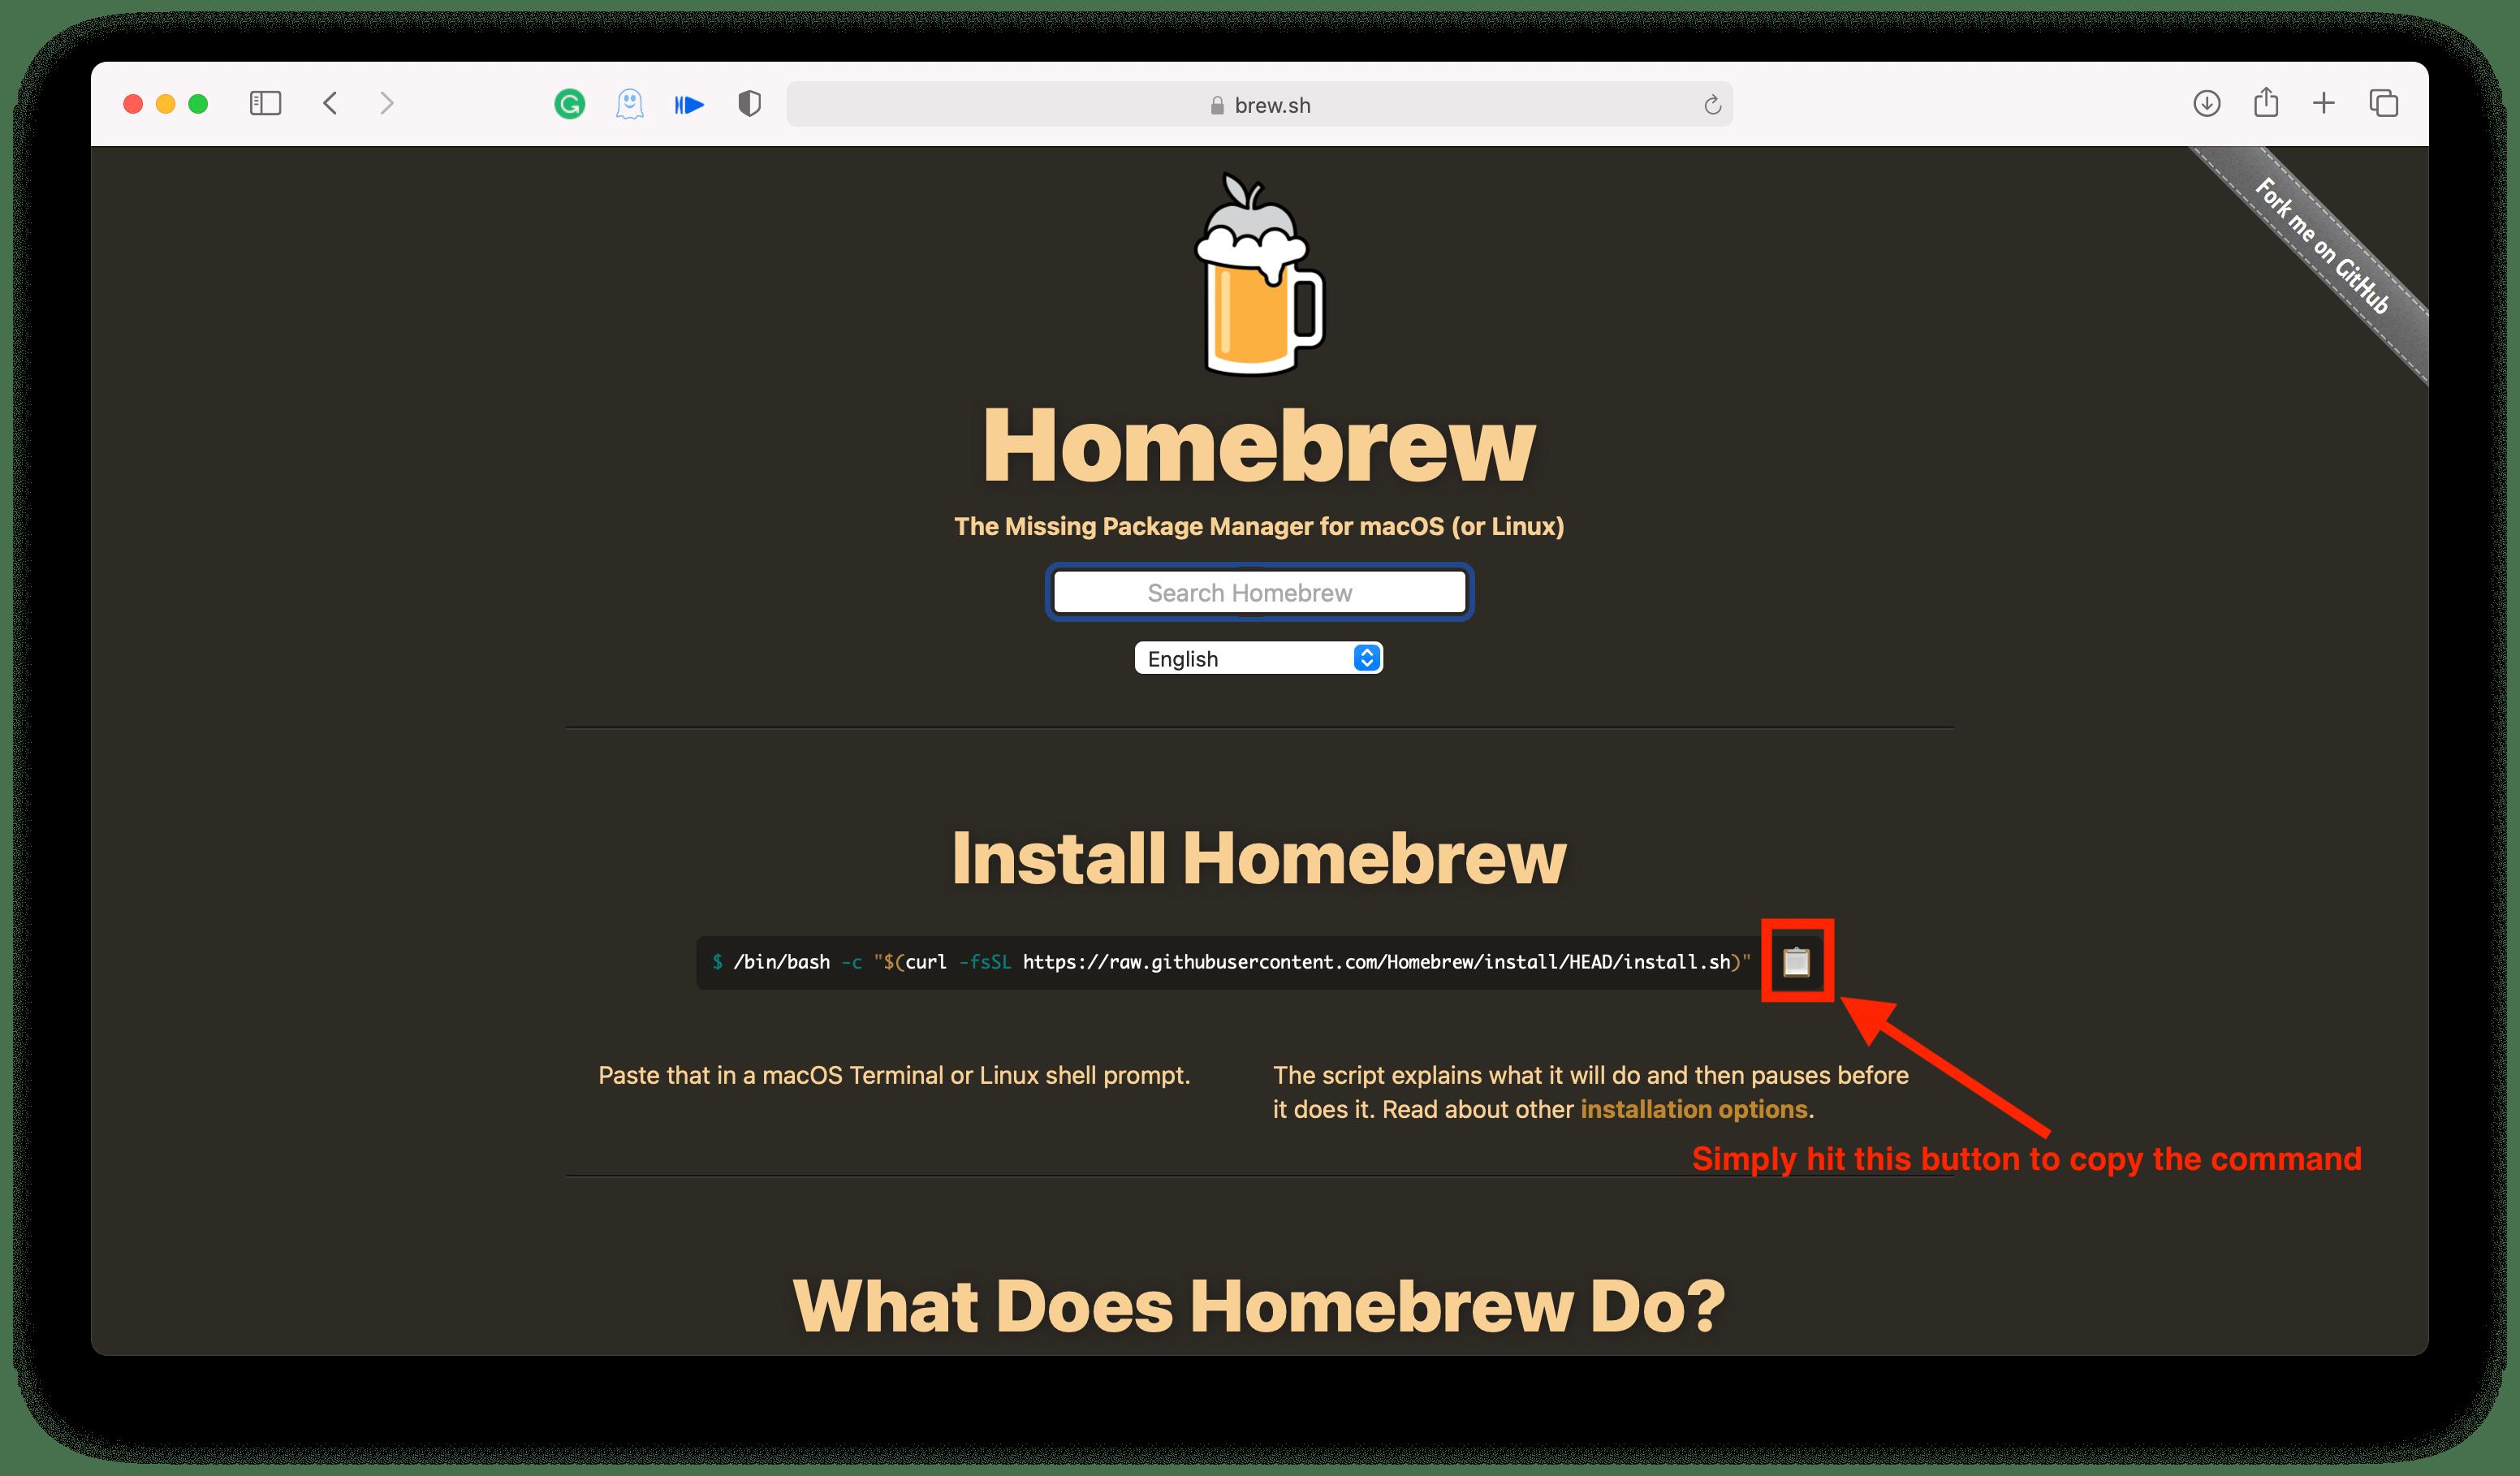 Homebrew Installation Code